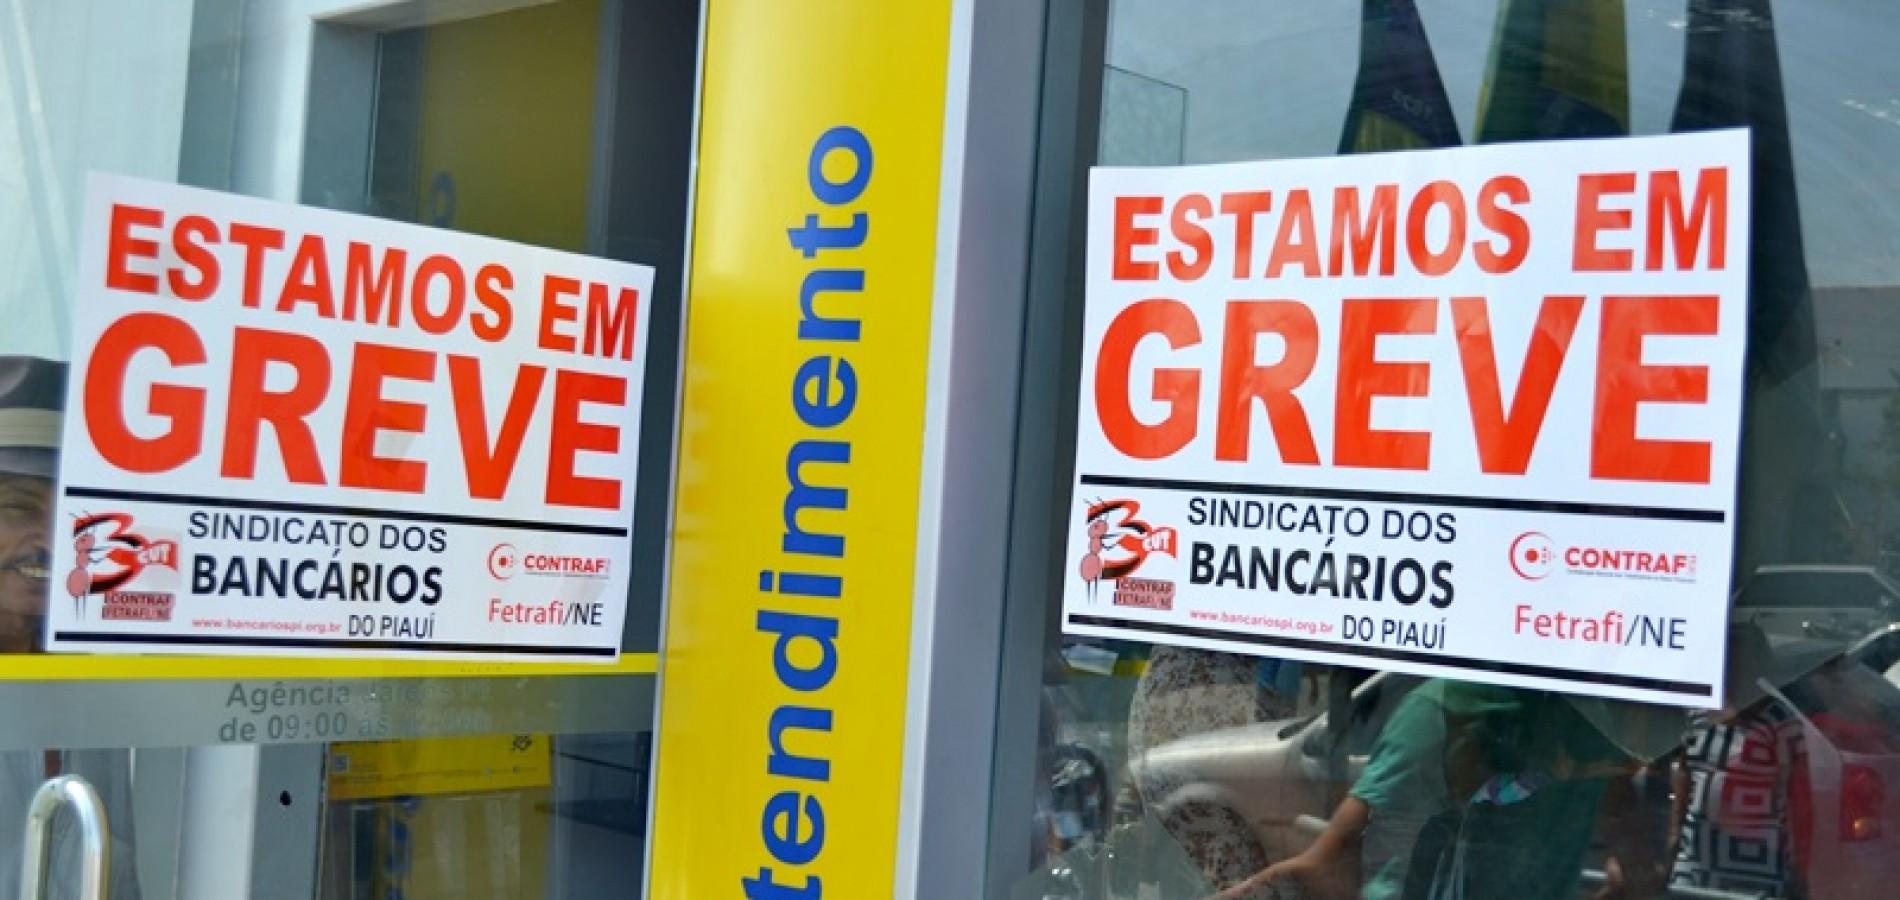 Bancários fortalecem greve e decidem suspender 100% dos atendimentos